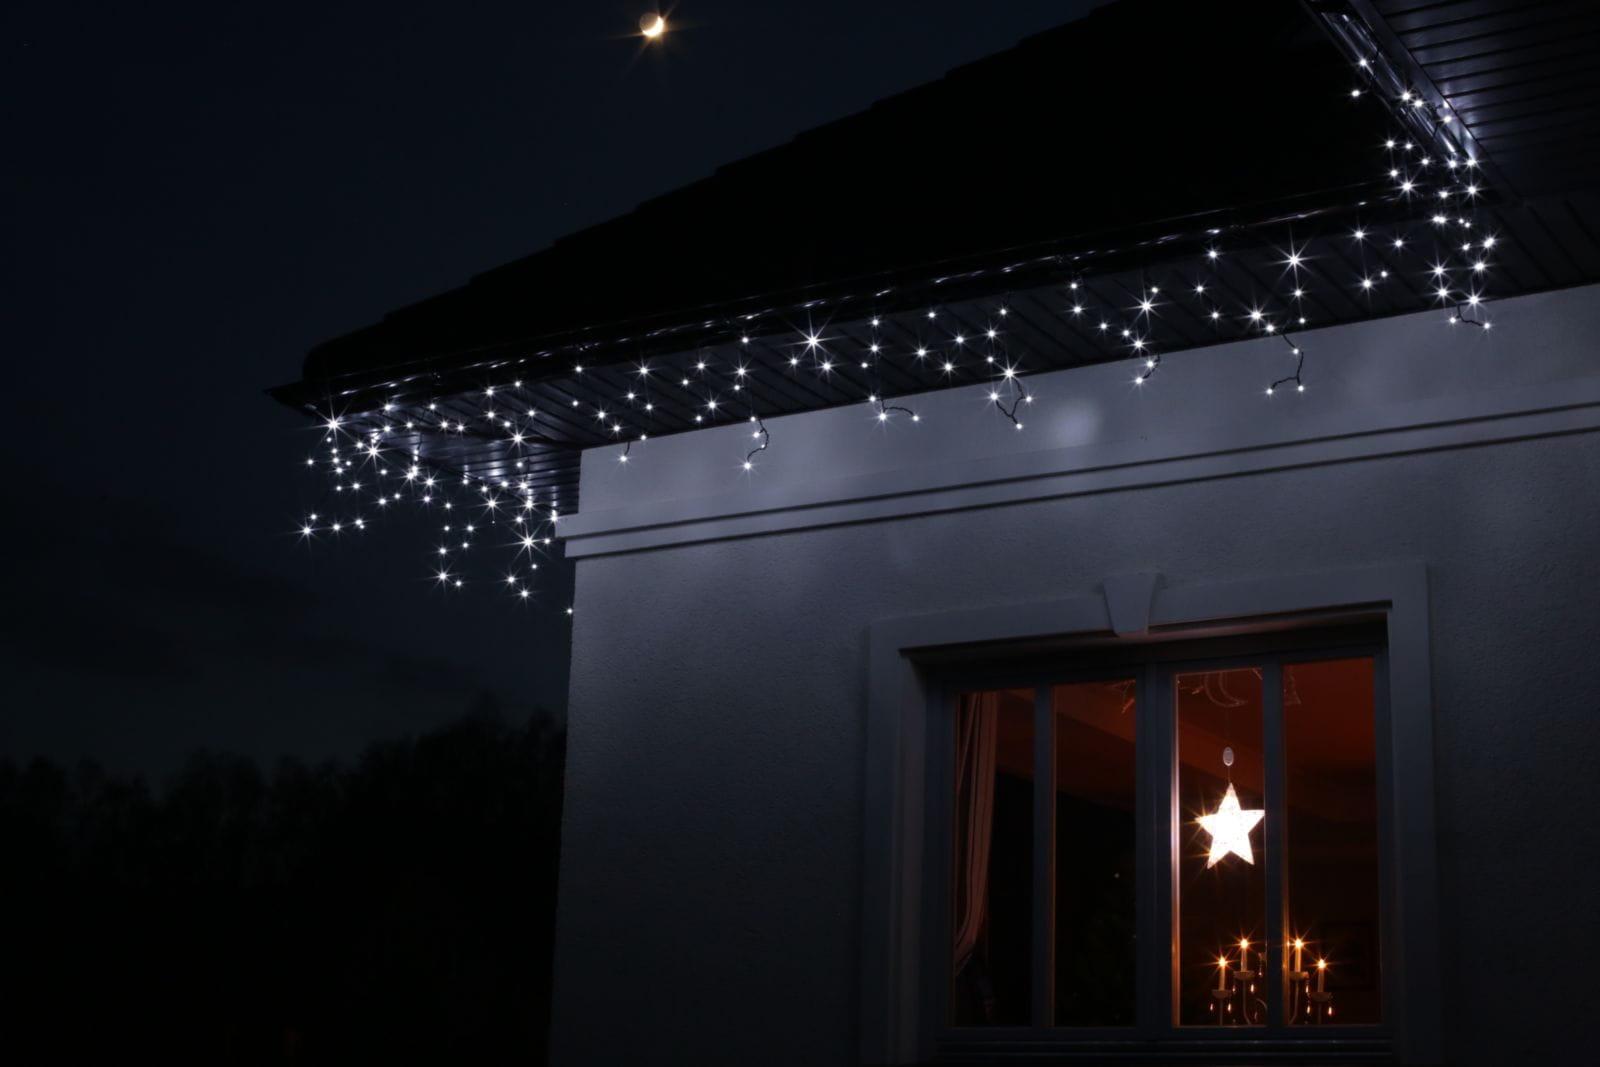 Lampki Sople Led Białe Flesz 100l Zewnętrzne 38 332 Atest W Wa